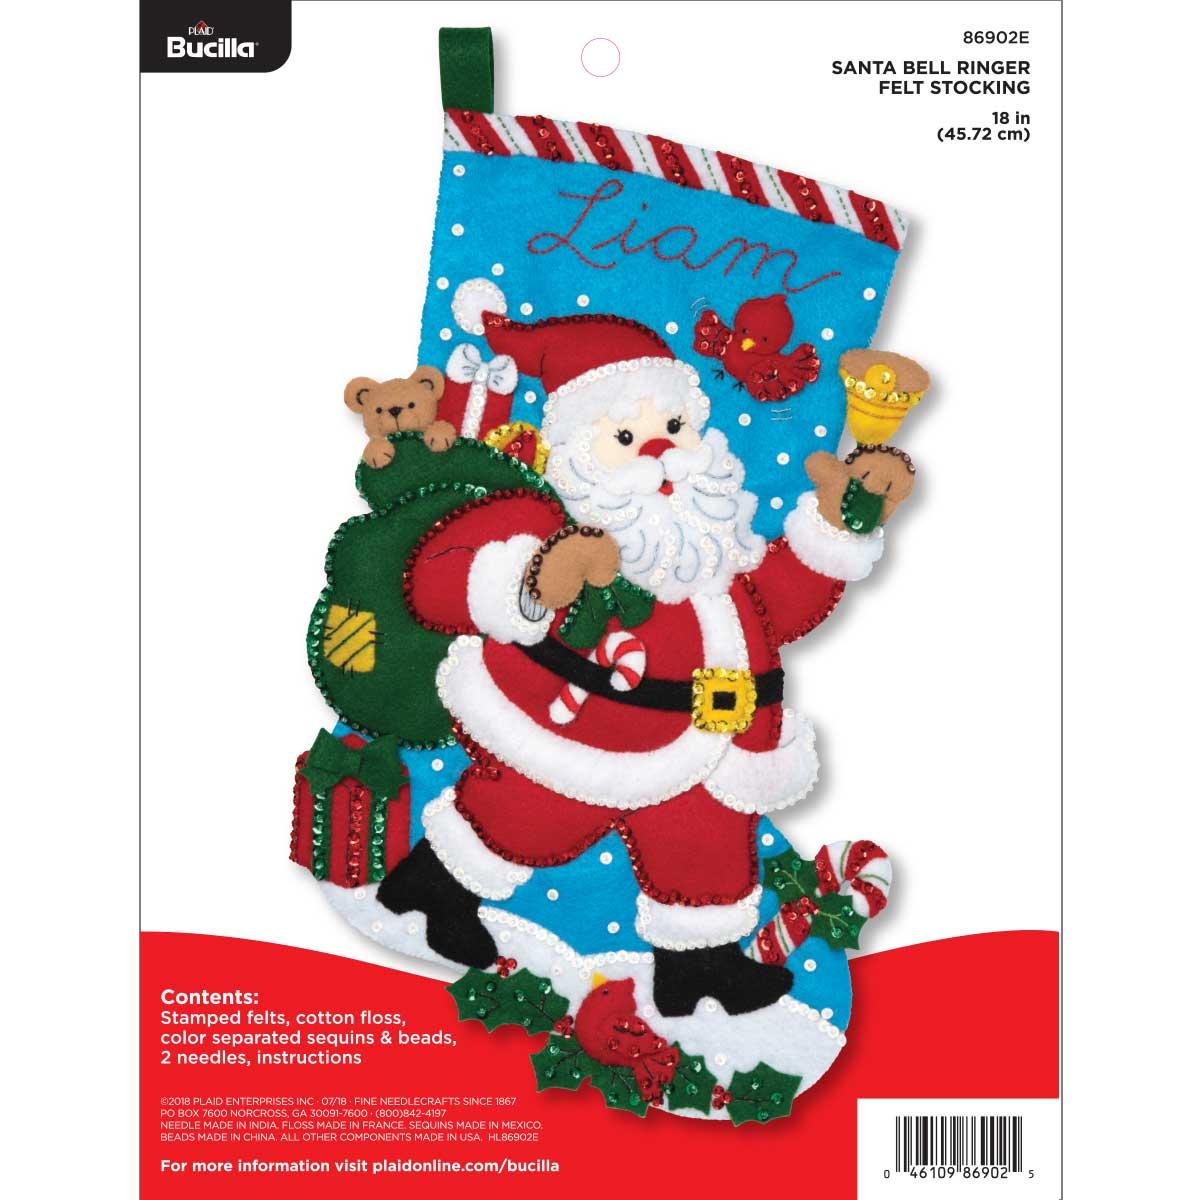 Bucilla ® Seasonal - Felt - Stocking Kits - Santa Bell Ringer